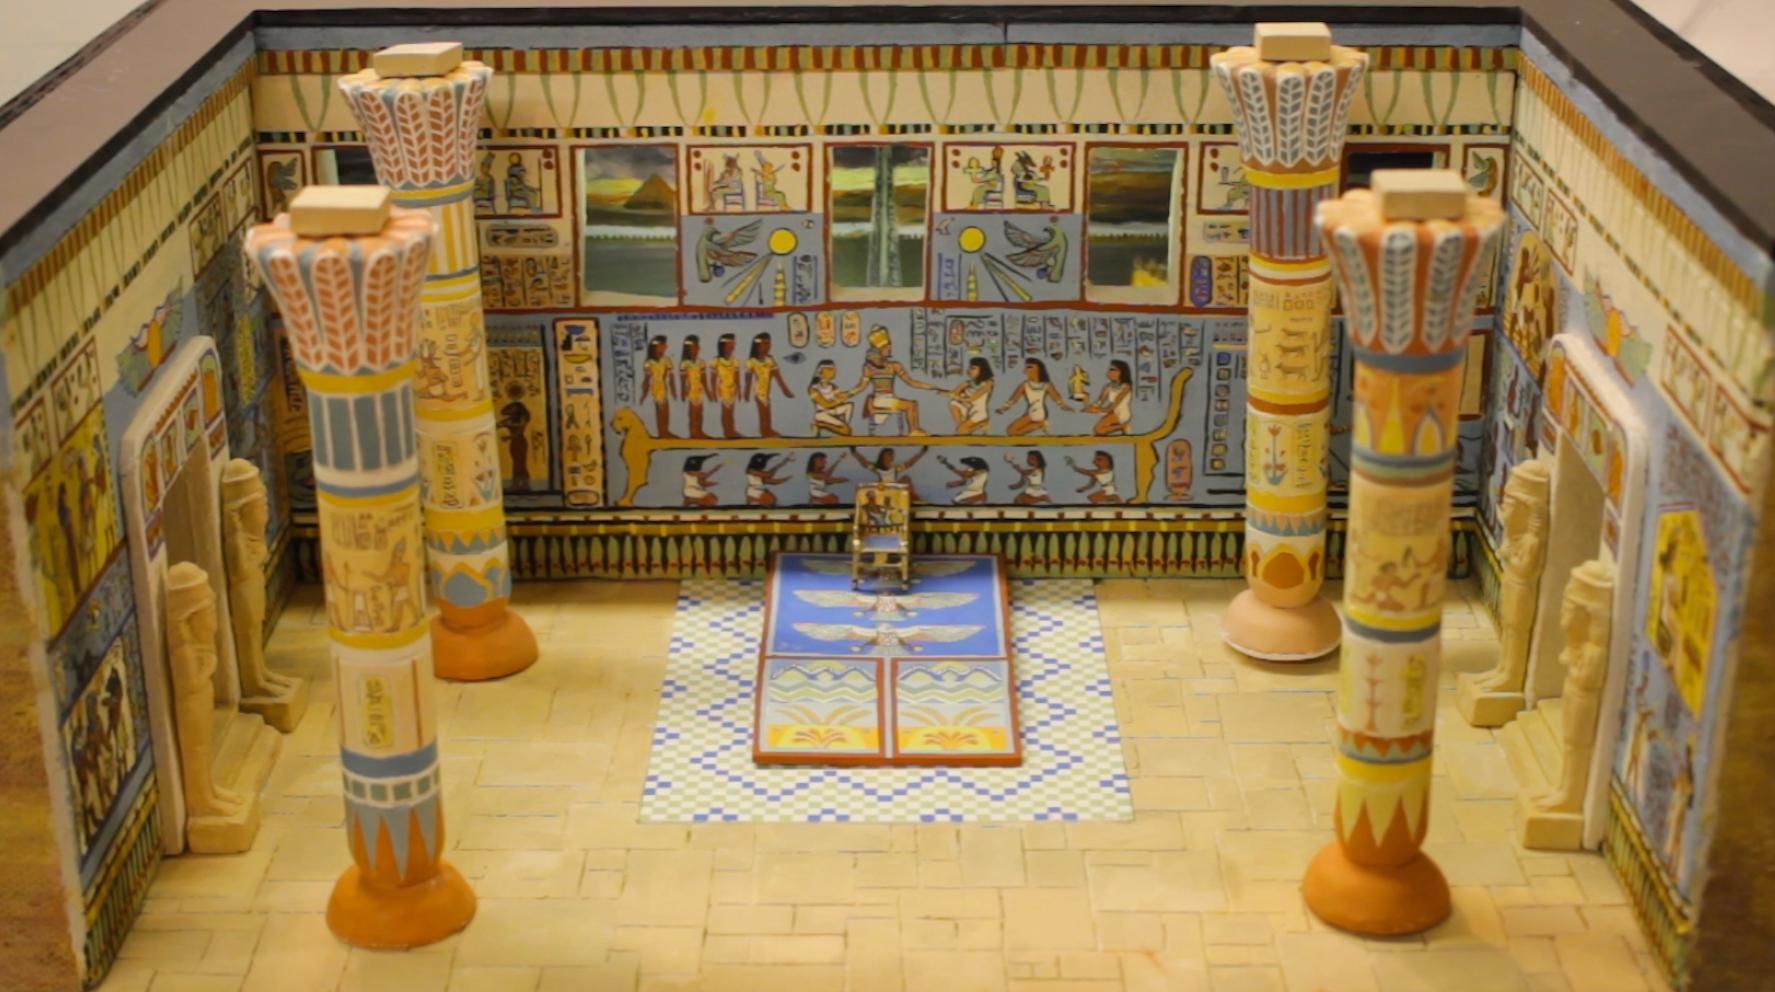 LoudCow_Egypt diorama- aaron delehanty.png